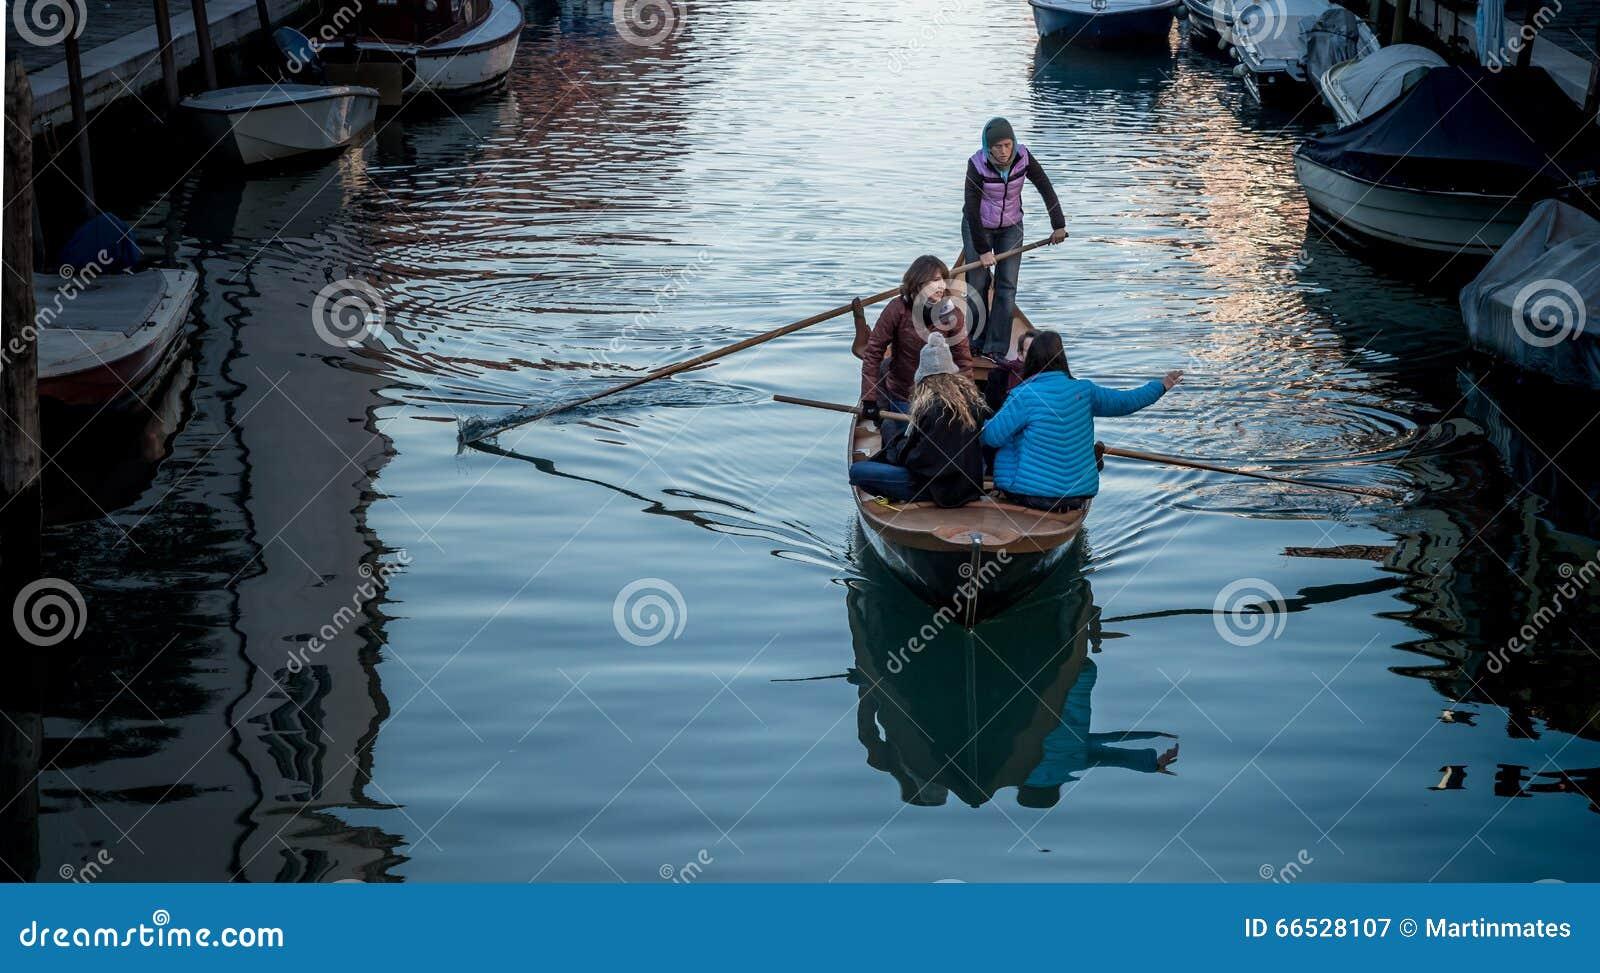 Mädchen auf Boot auf venetianischem Kanal